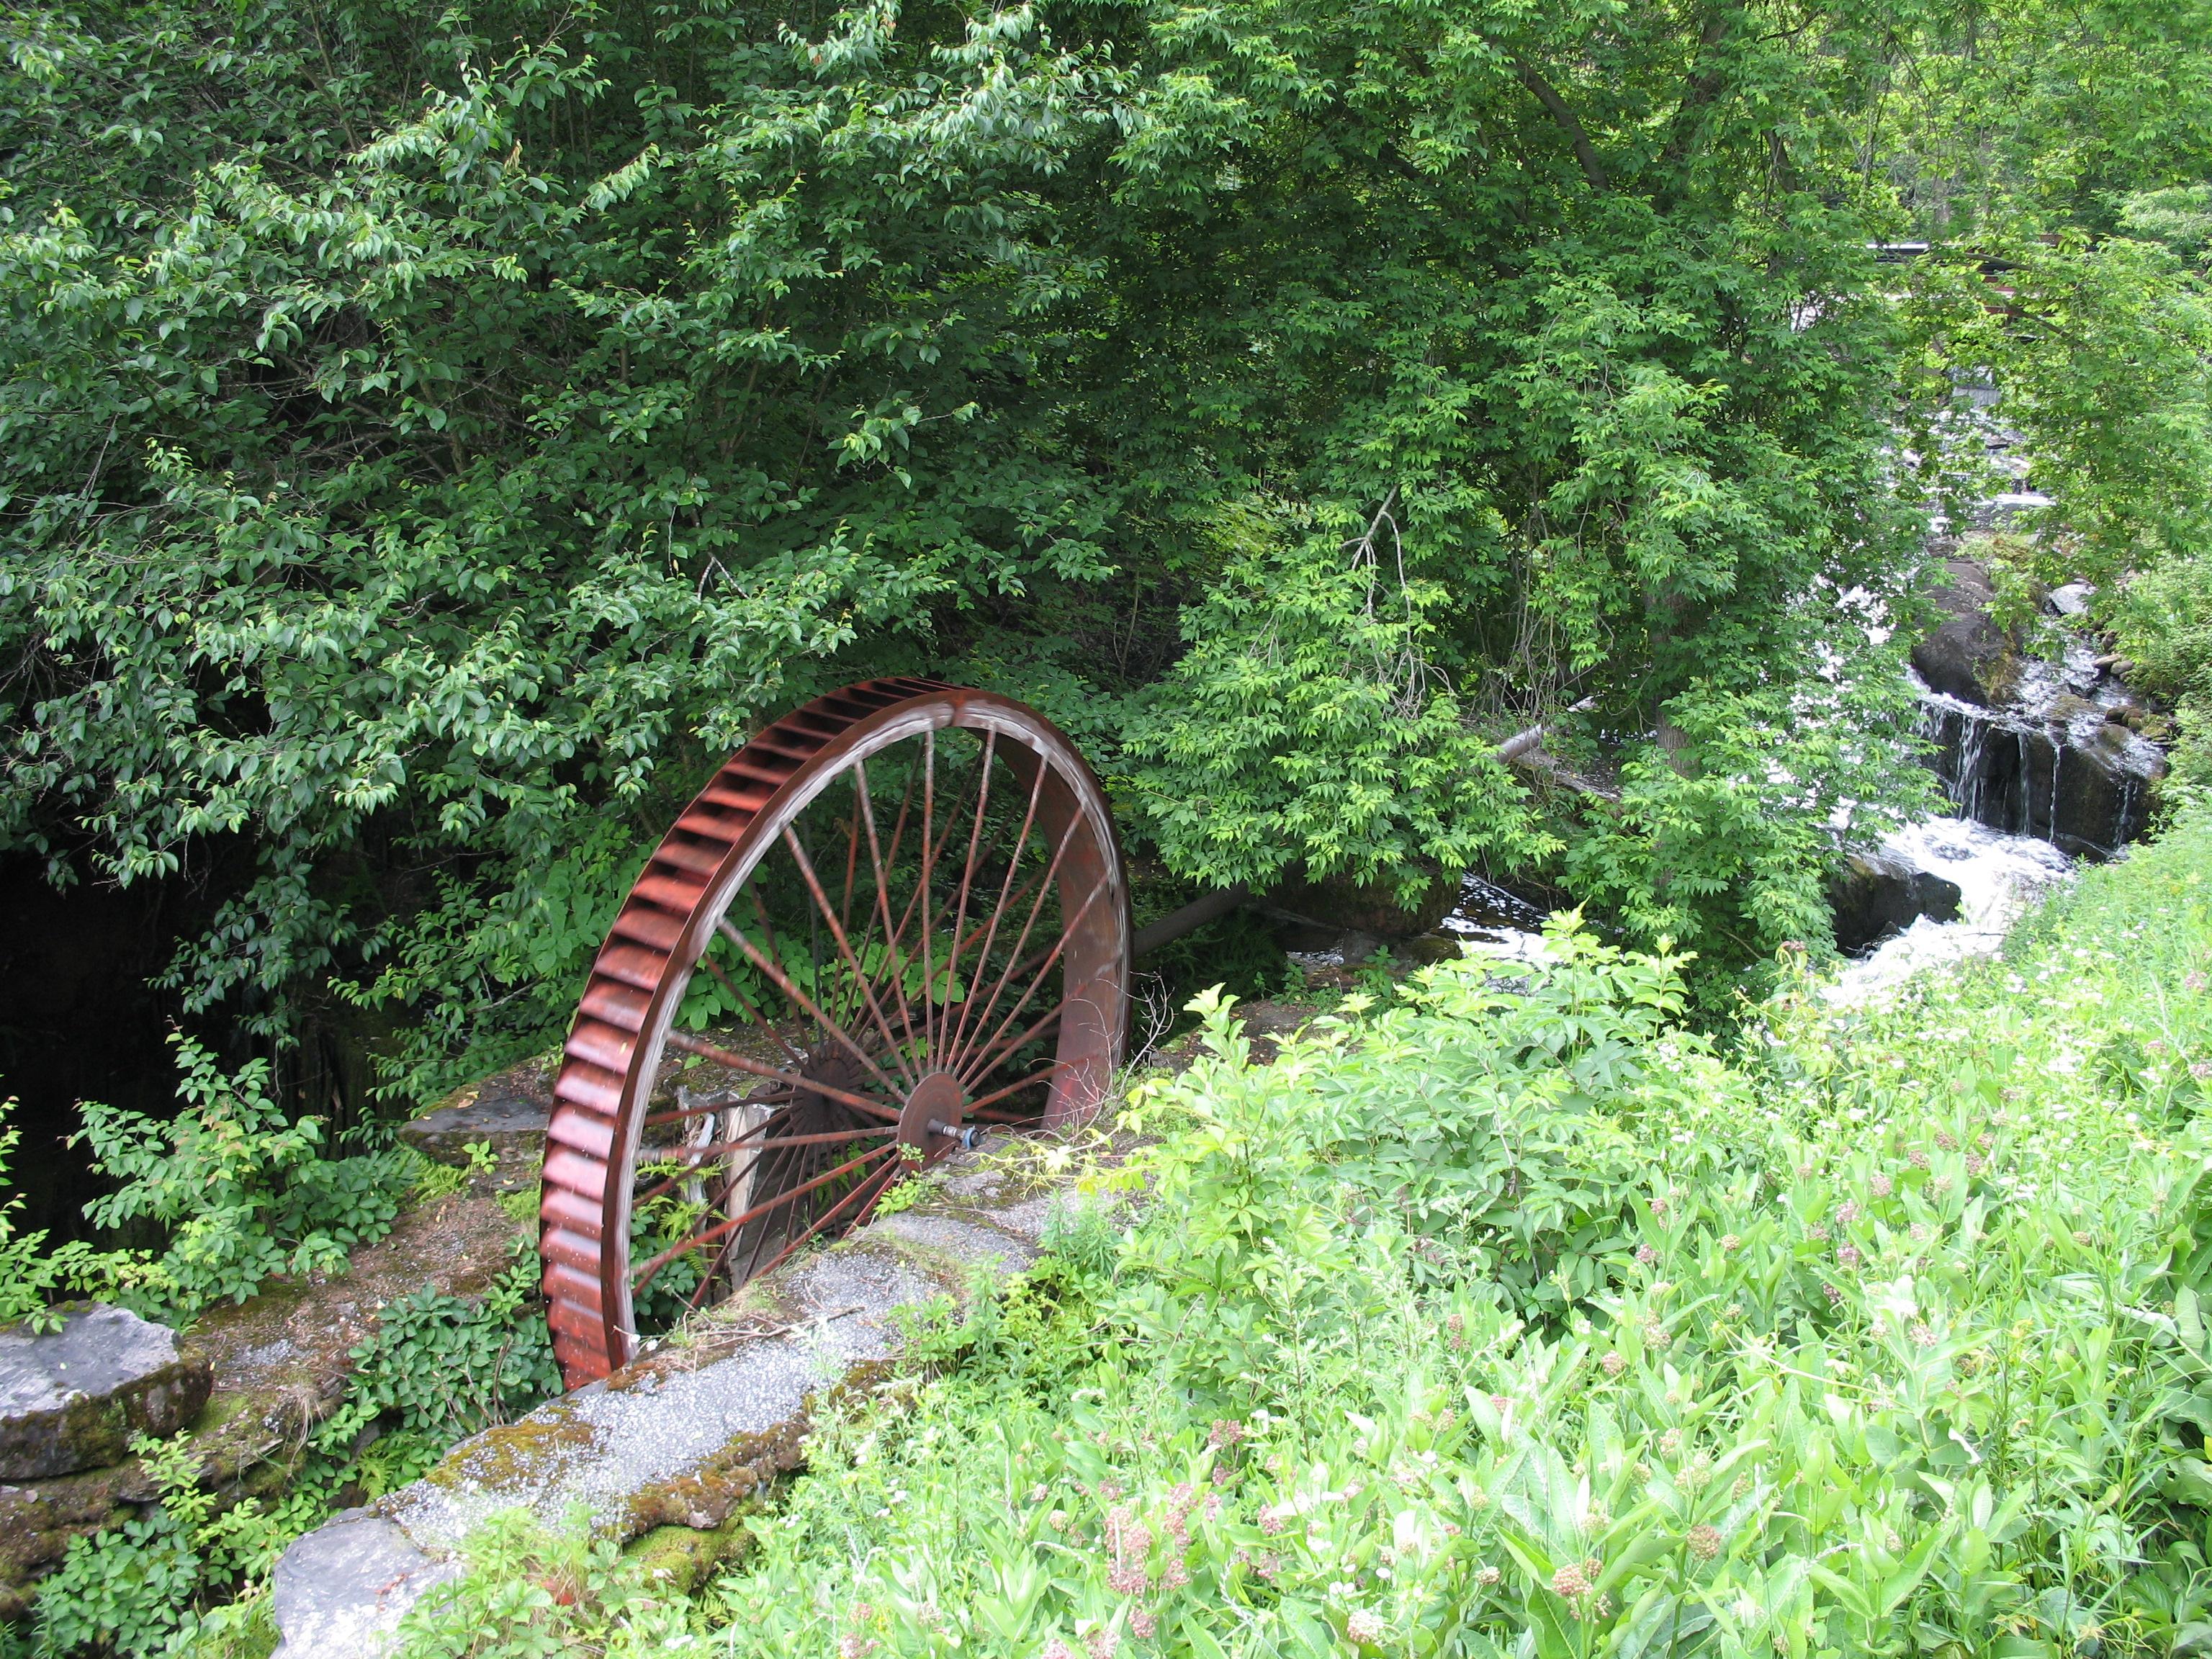 parc du vieux moulin weedon2